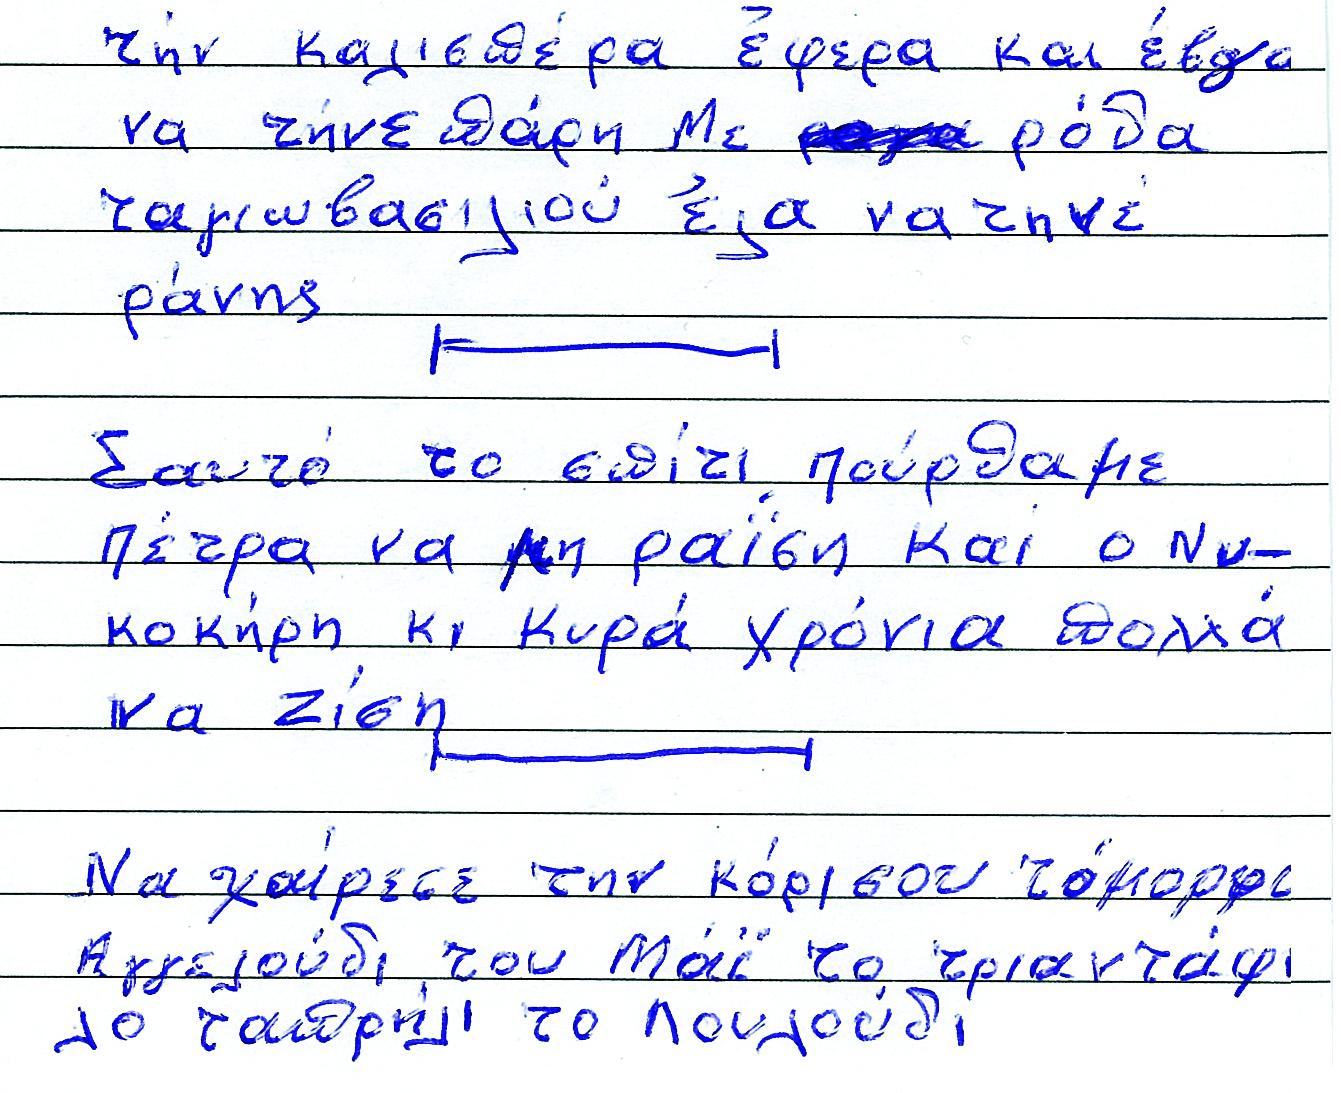 Χειρόγραφα παινέματα του παλαιού καλαντιστή-παινεματή Ιάκωβου Σκανδάλη